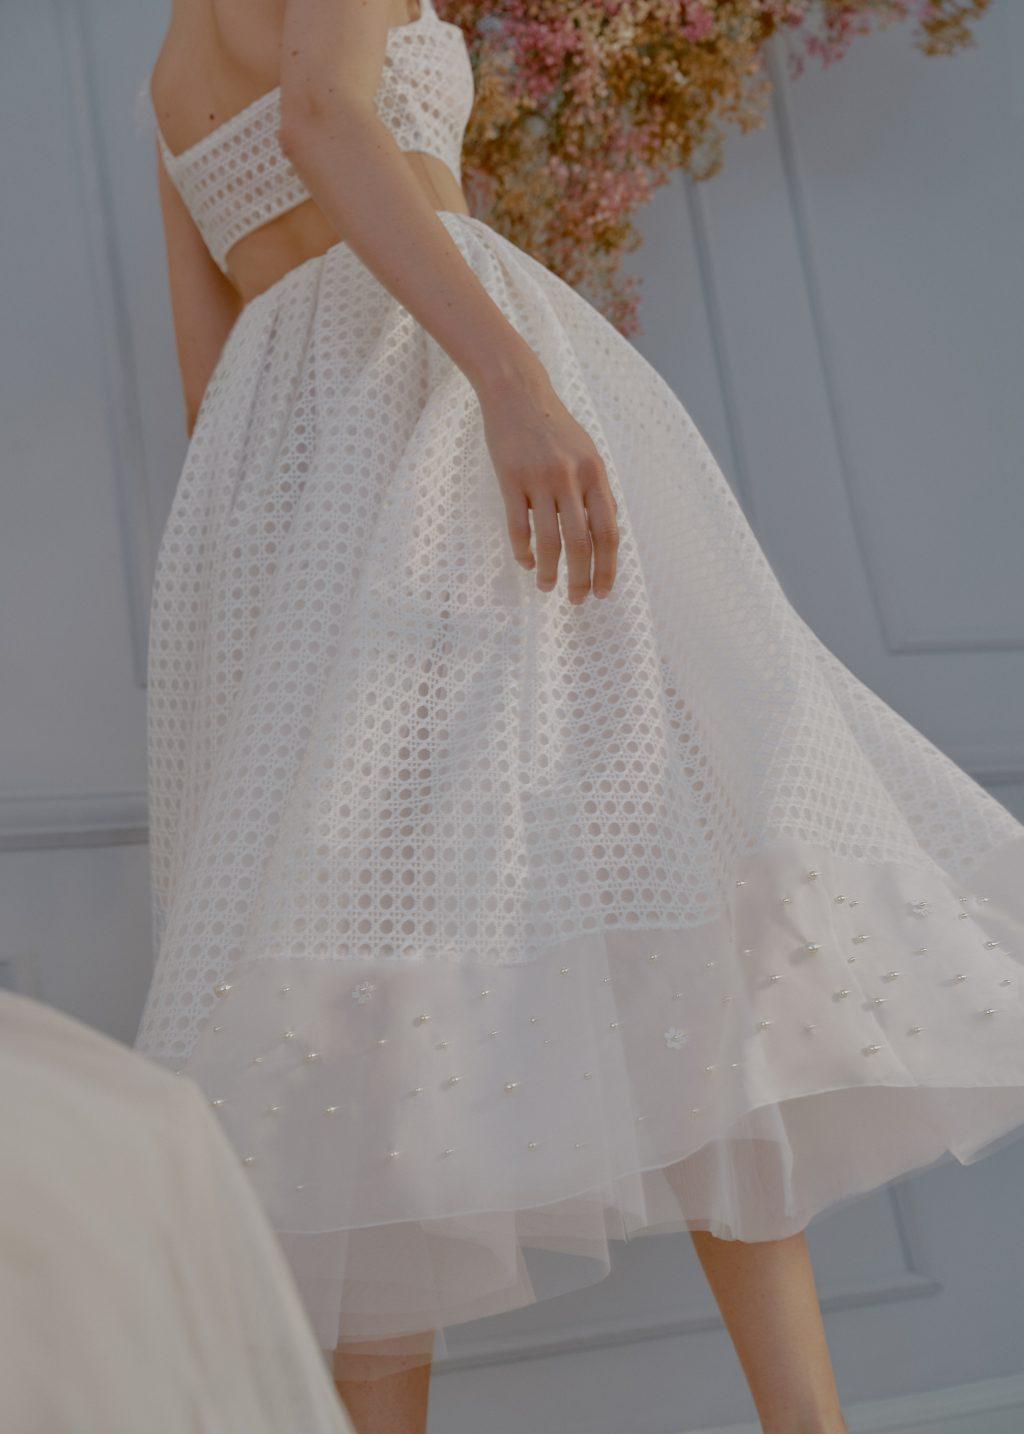 ANGELA PEDREGAL INNUBIBUS NOVIAS 2021 23 - In Nubibus, la Nueva Colección de Vestidos de Ángela Pedregal